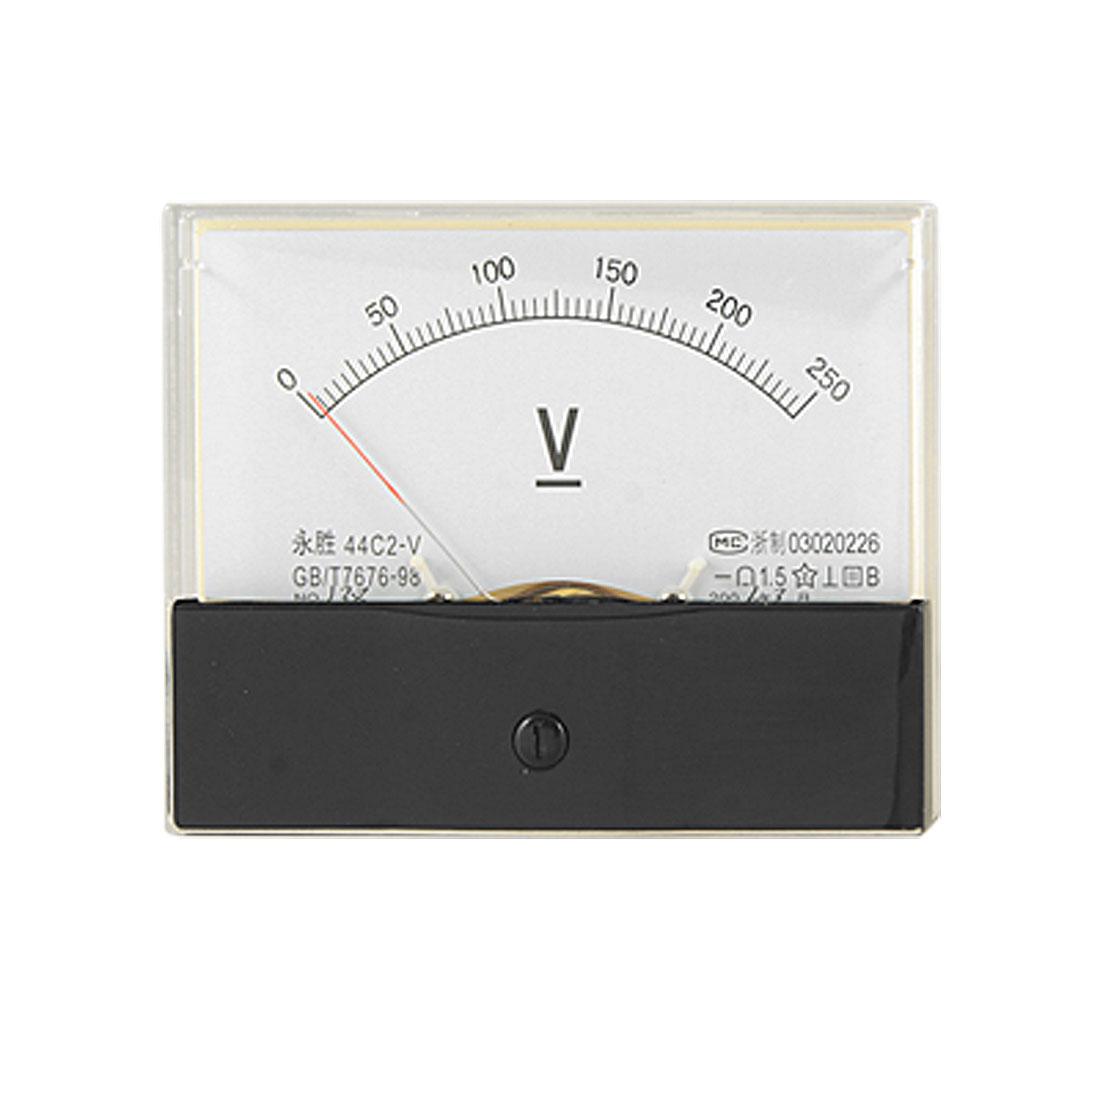 44C2 0-250V DC Voltage Measuring Analog Panel Meter Voltmeter